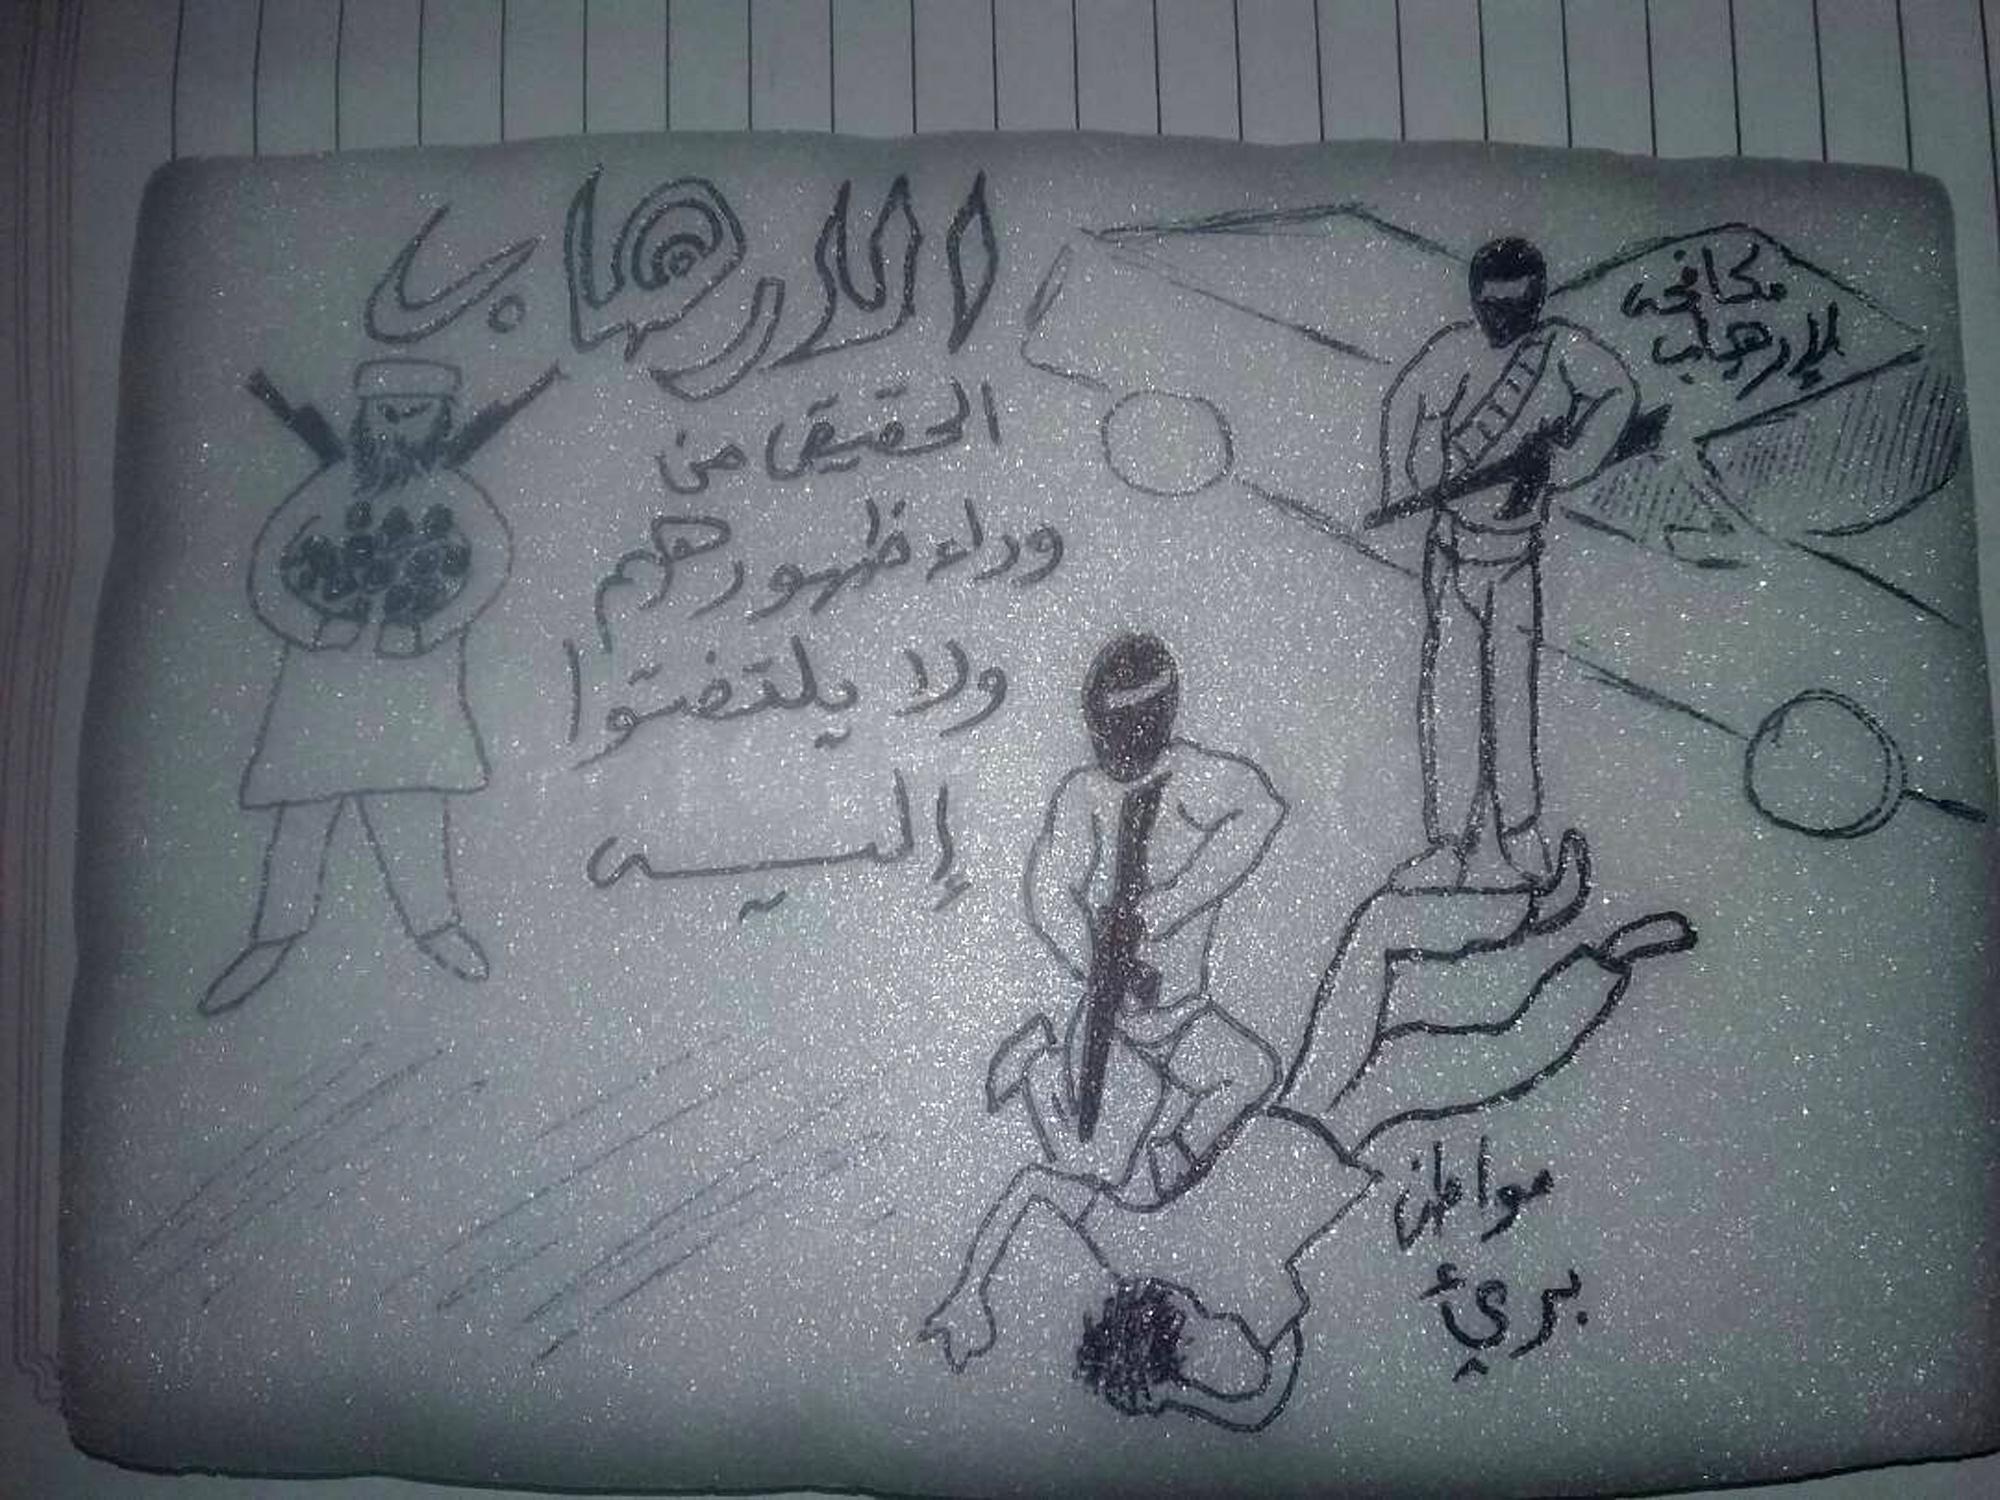 Drawings Expose Sexual Abuses In Uae Run Prisons In Yemen